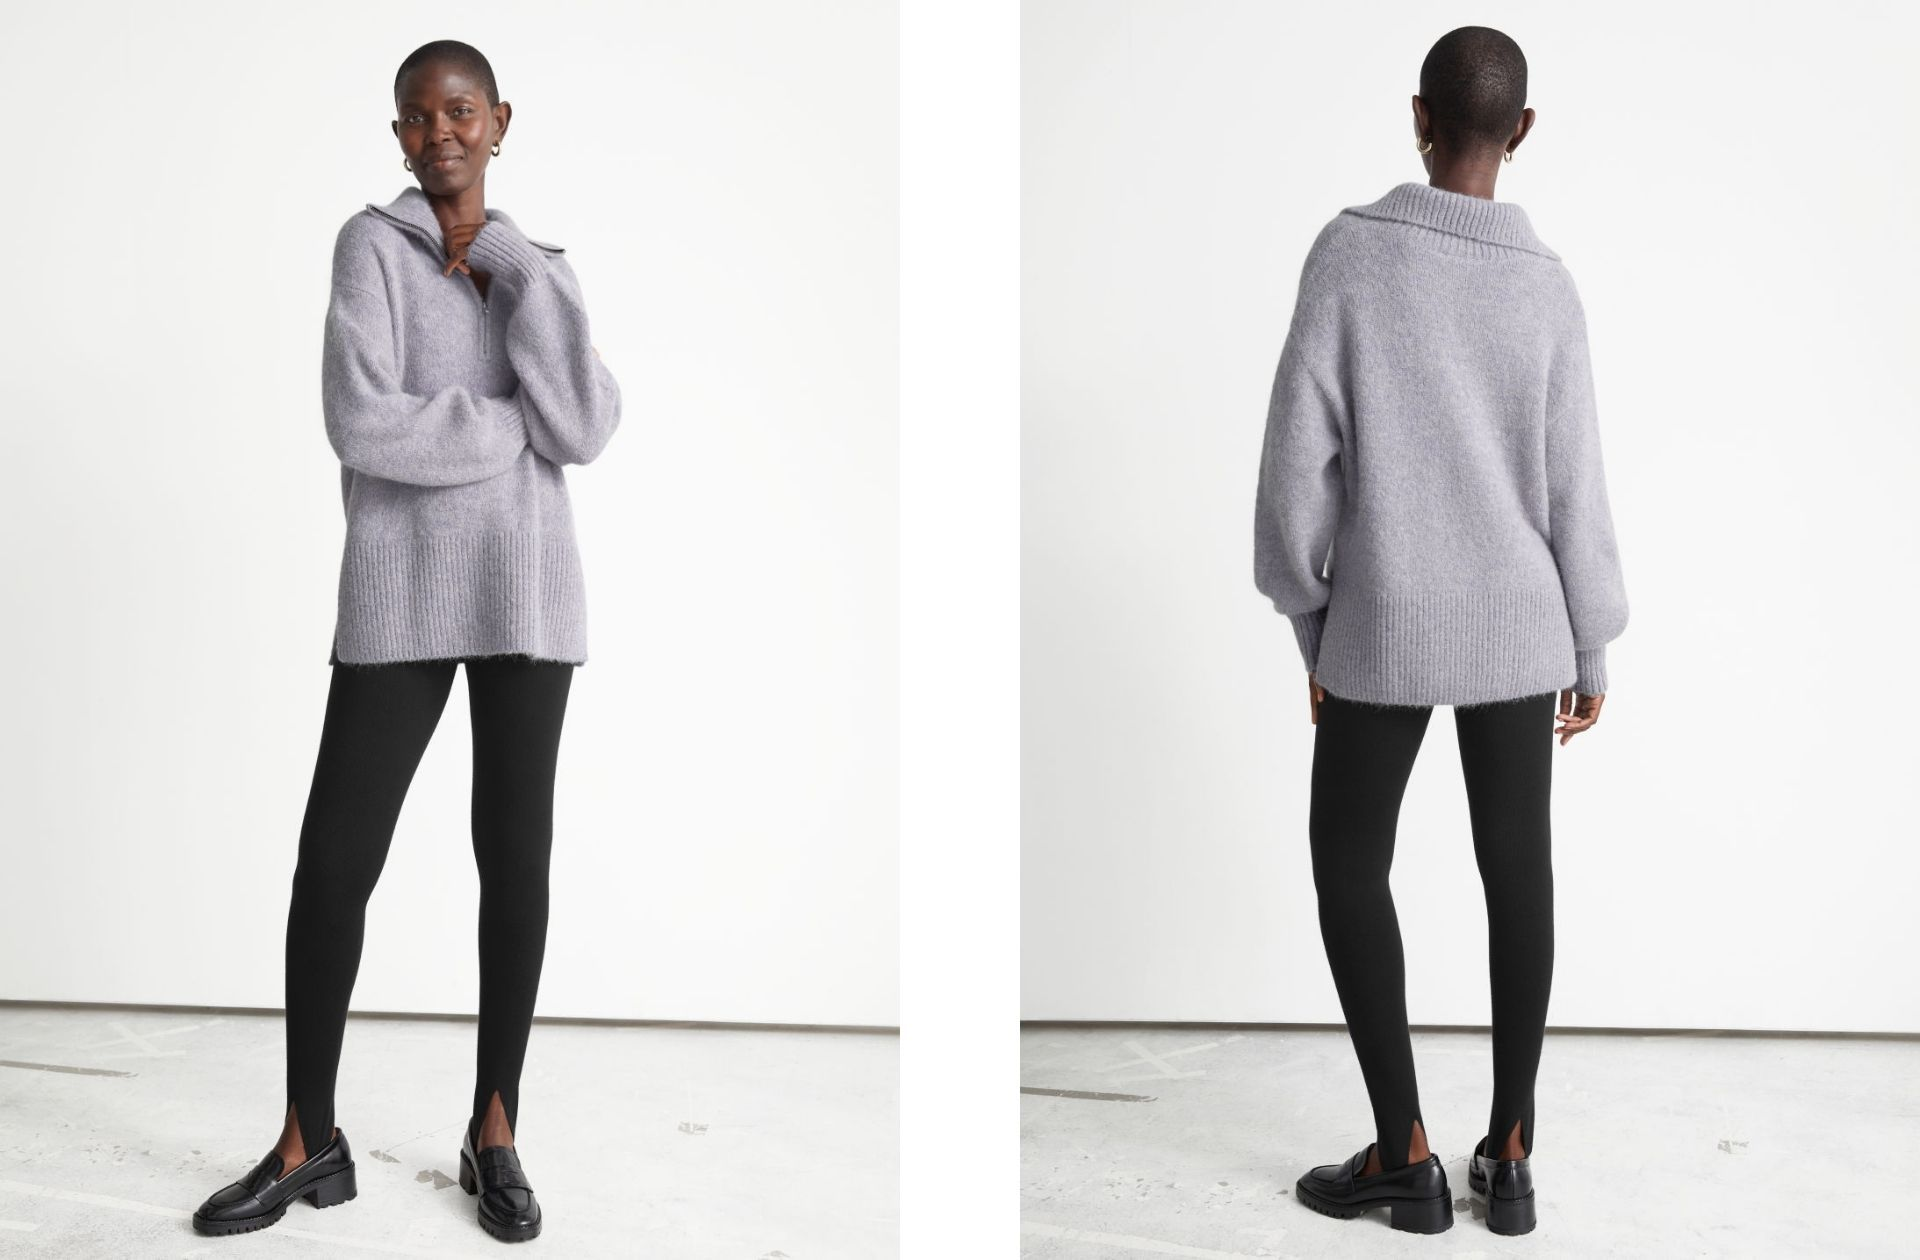 Envie de changer du legging basique noir ? Ces 8 modèles tendance réinventent la jambe